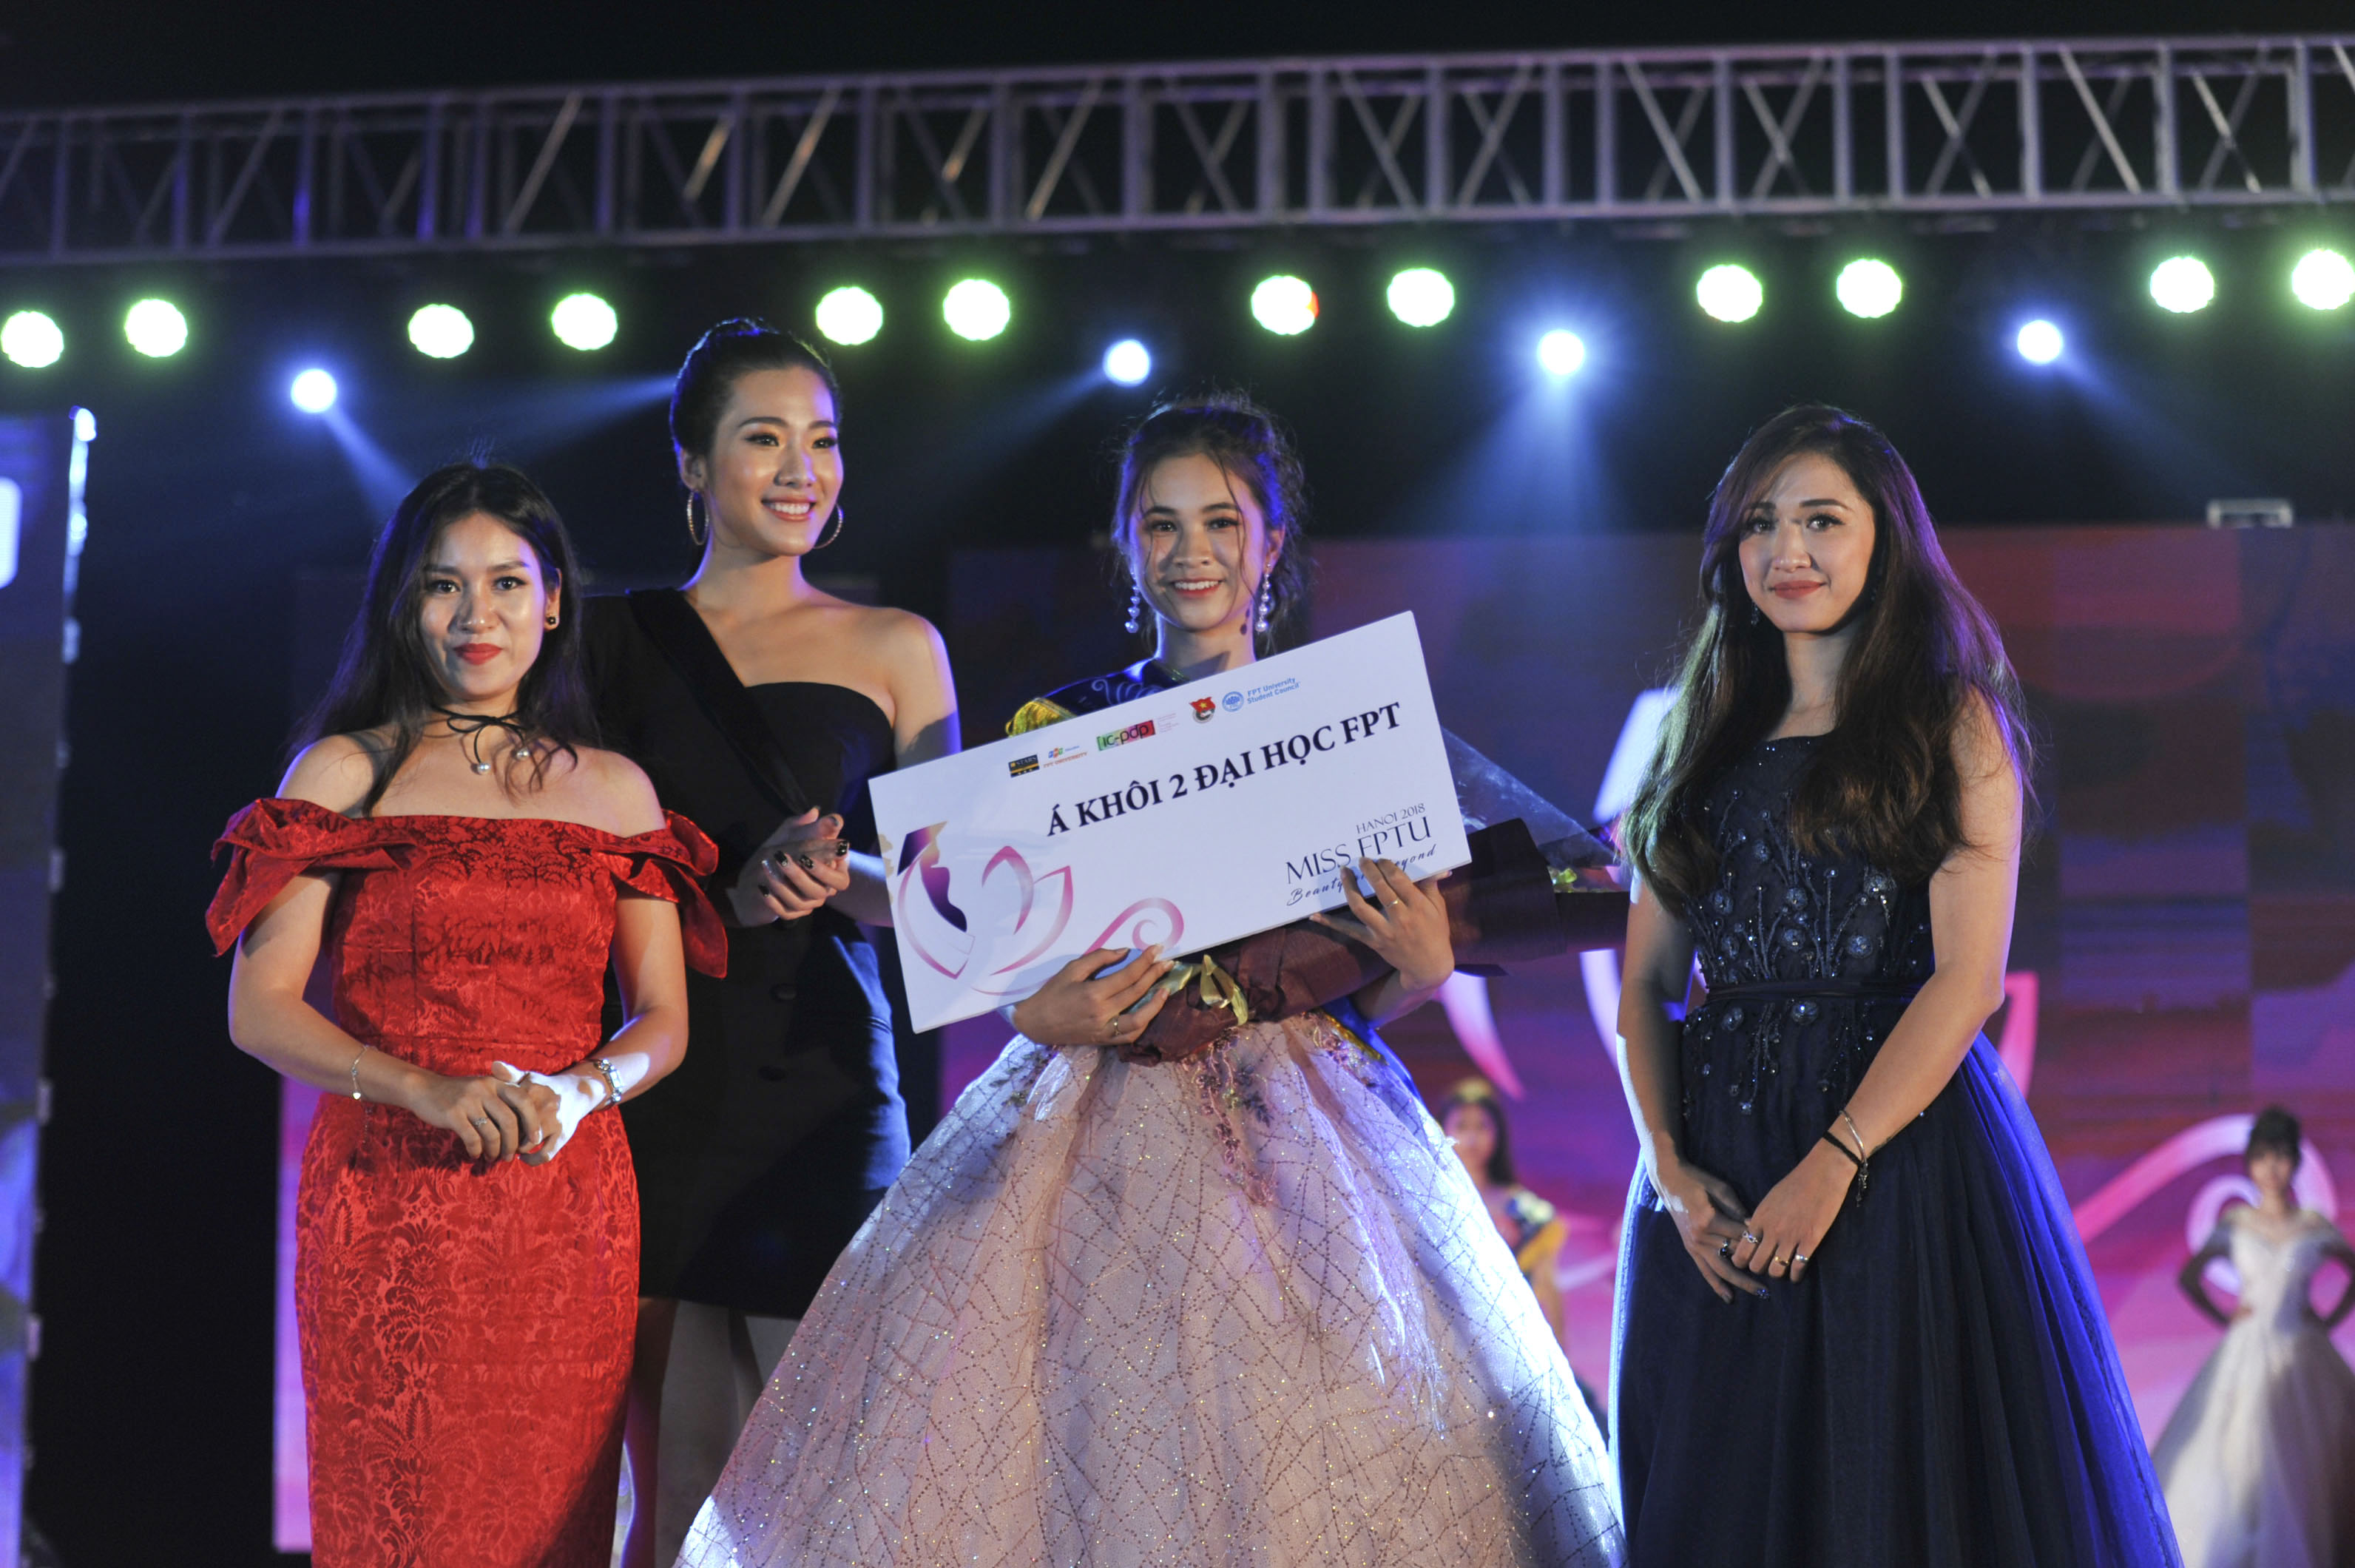 Danh hiệu Á khôi 2 được trao cho cô gái có câu trả lời ấn tượng về phẫu thuật thẩm mỹ - Nguyễn Phương Thảo.